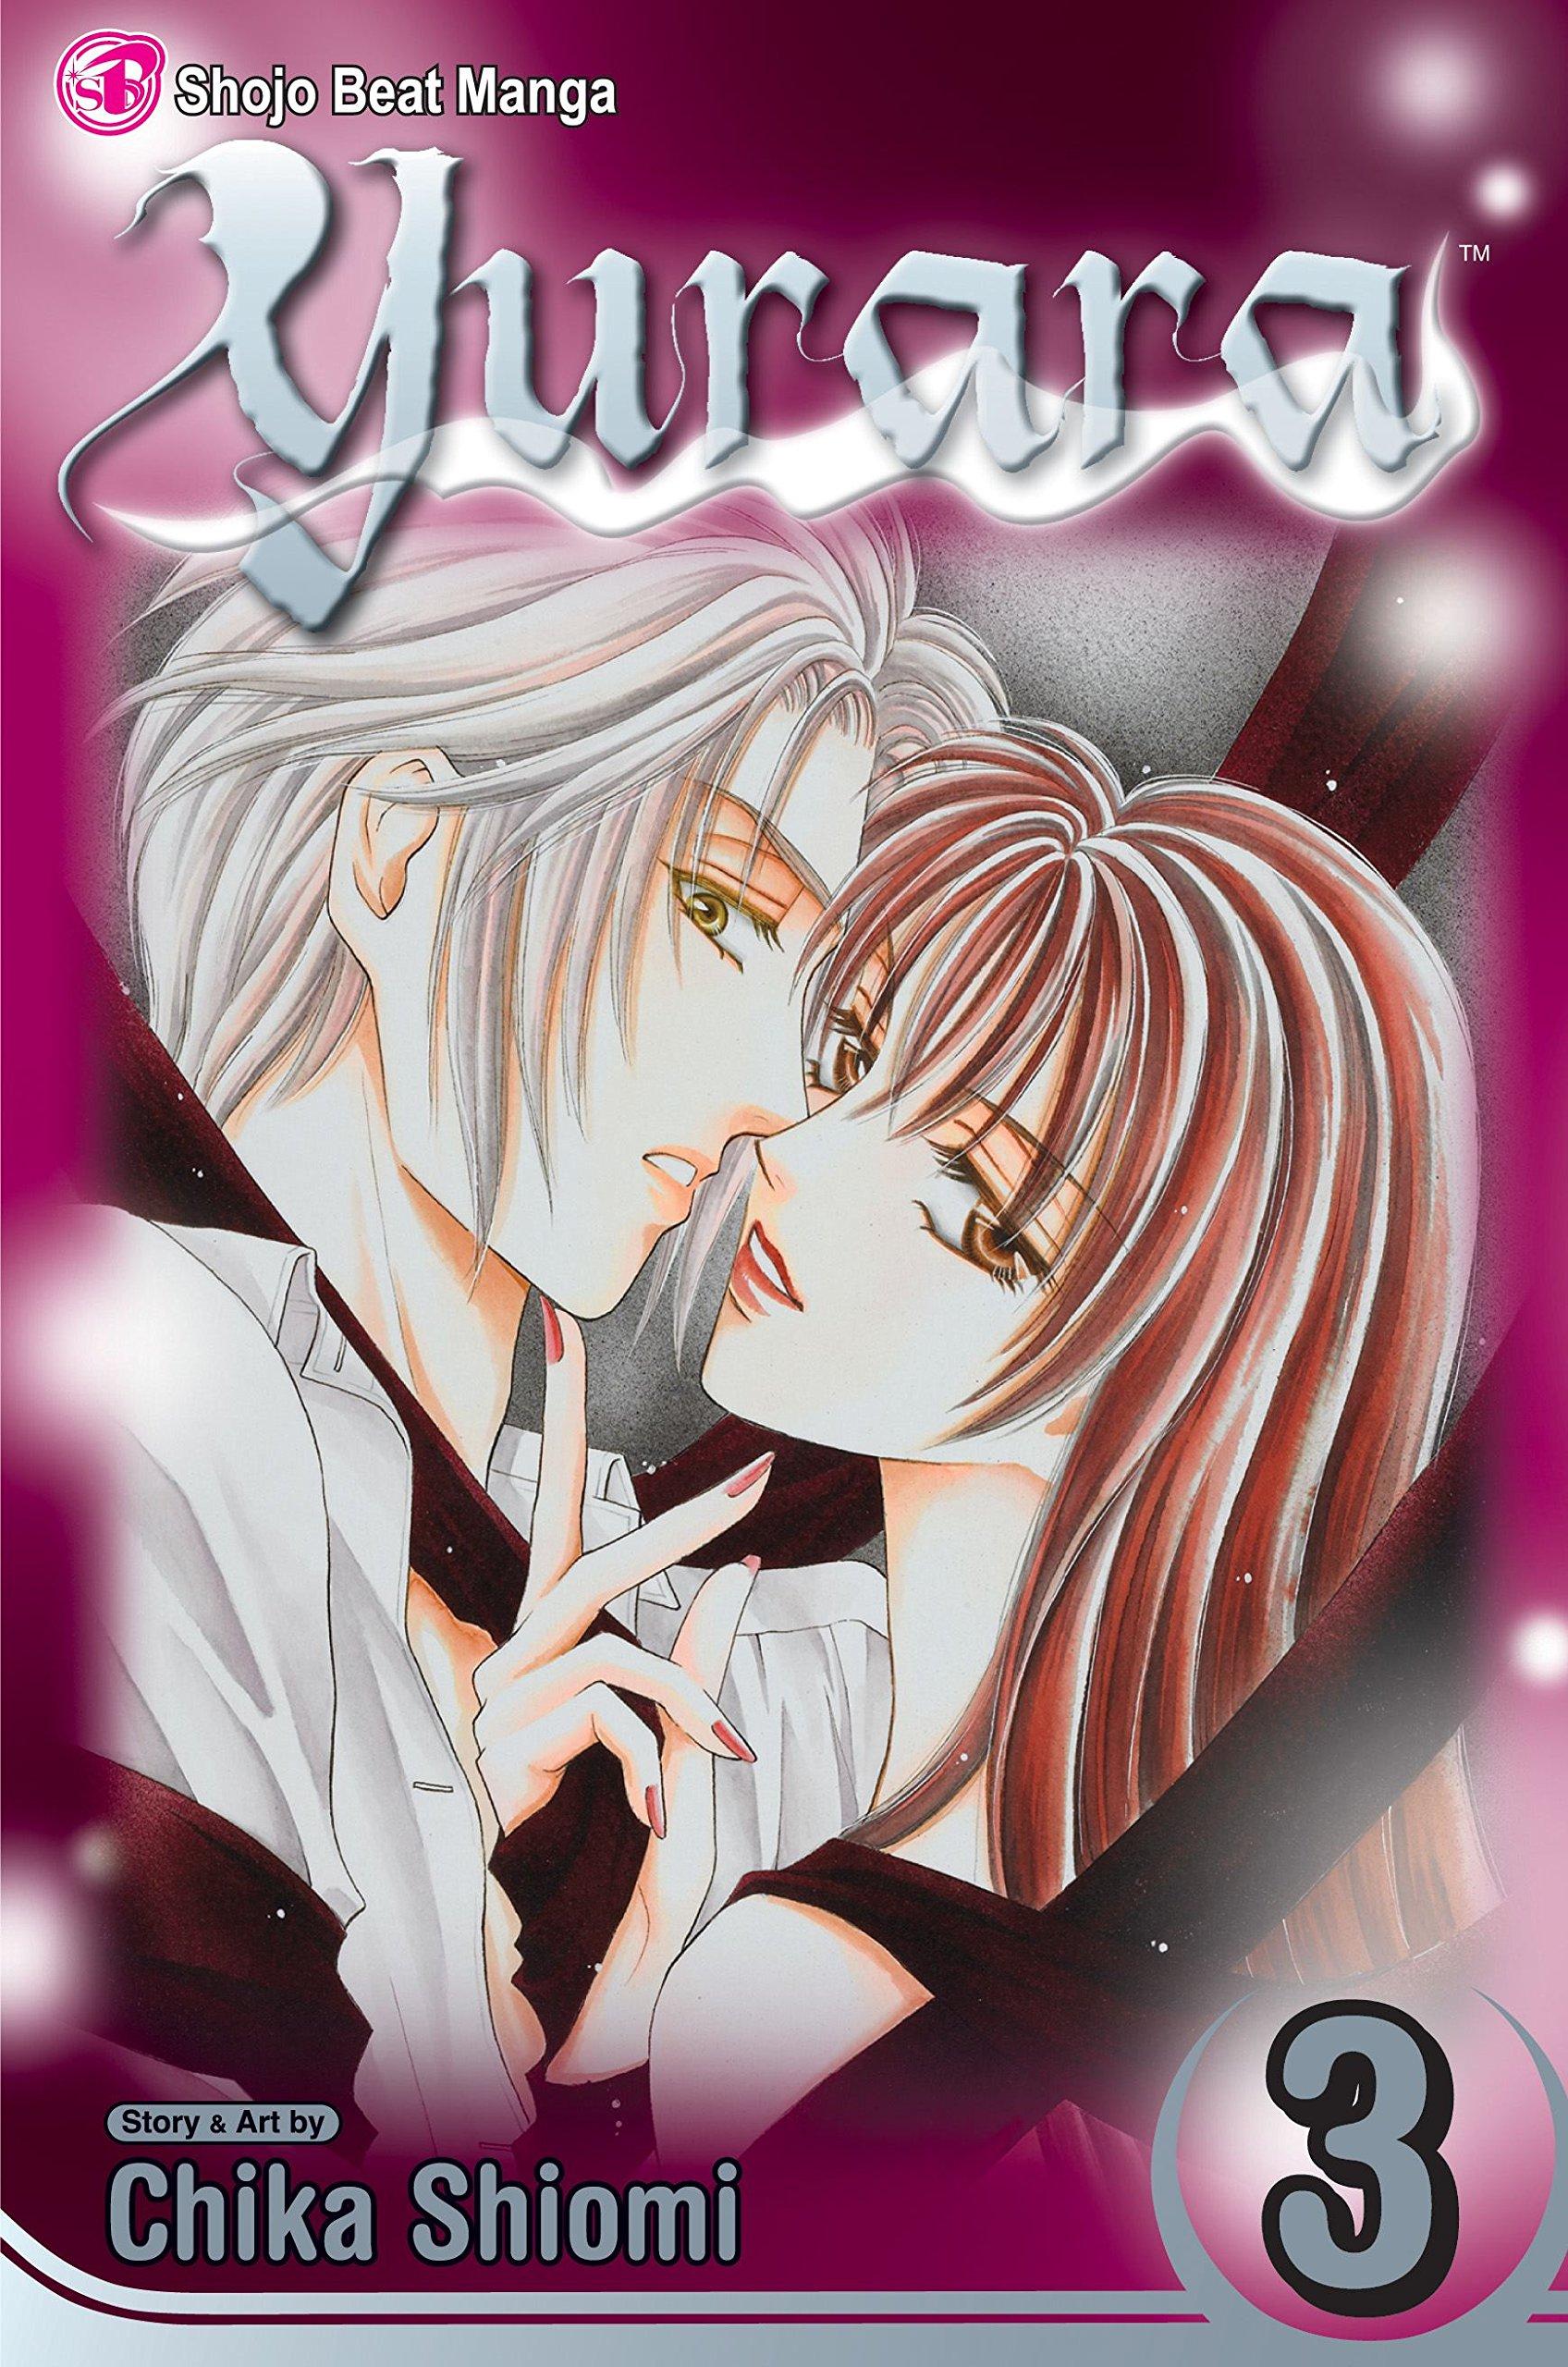 Yurara, Vol. 3 ebook